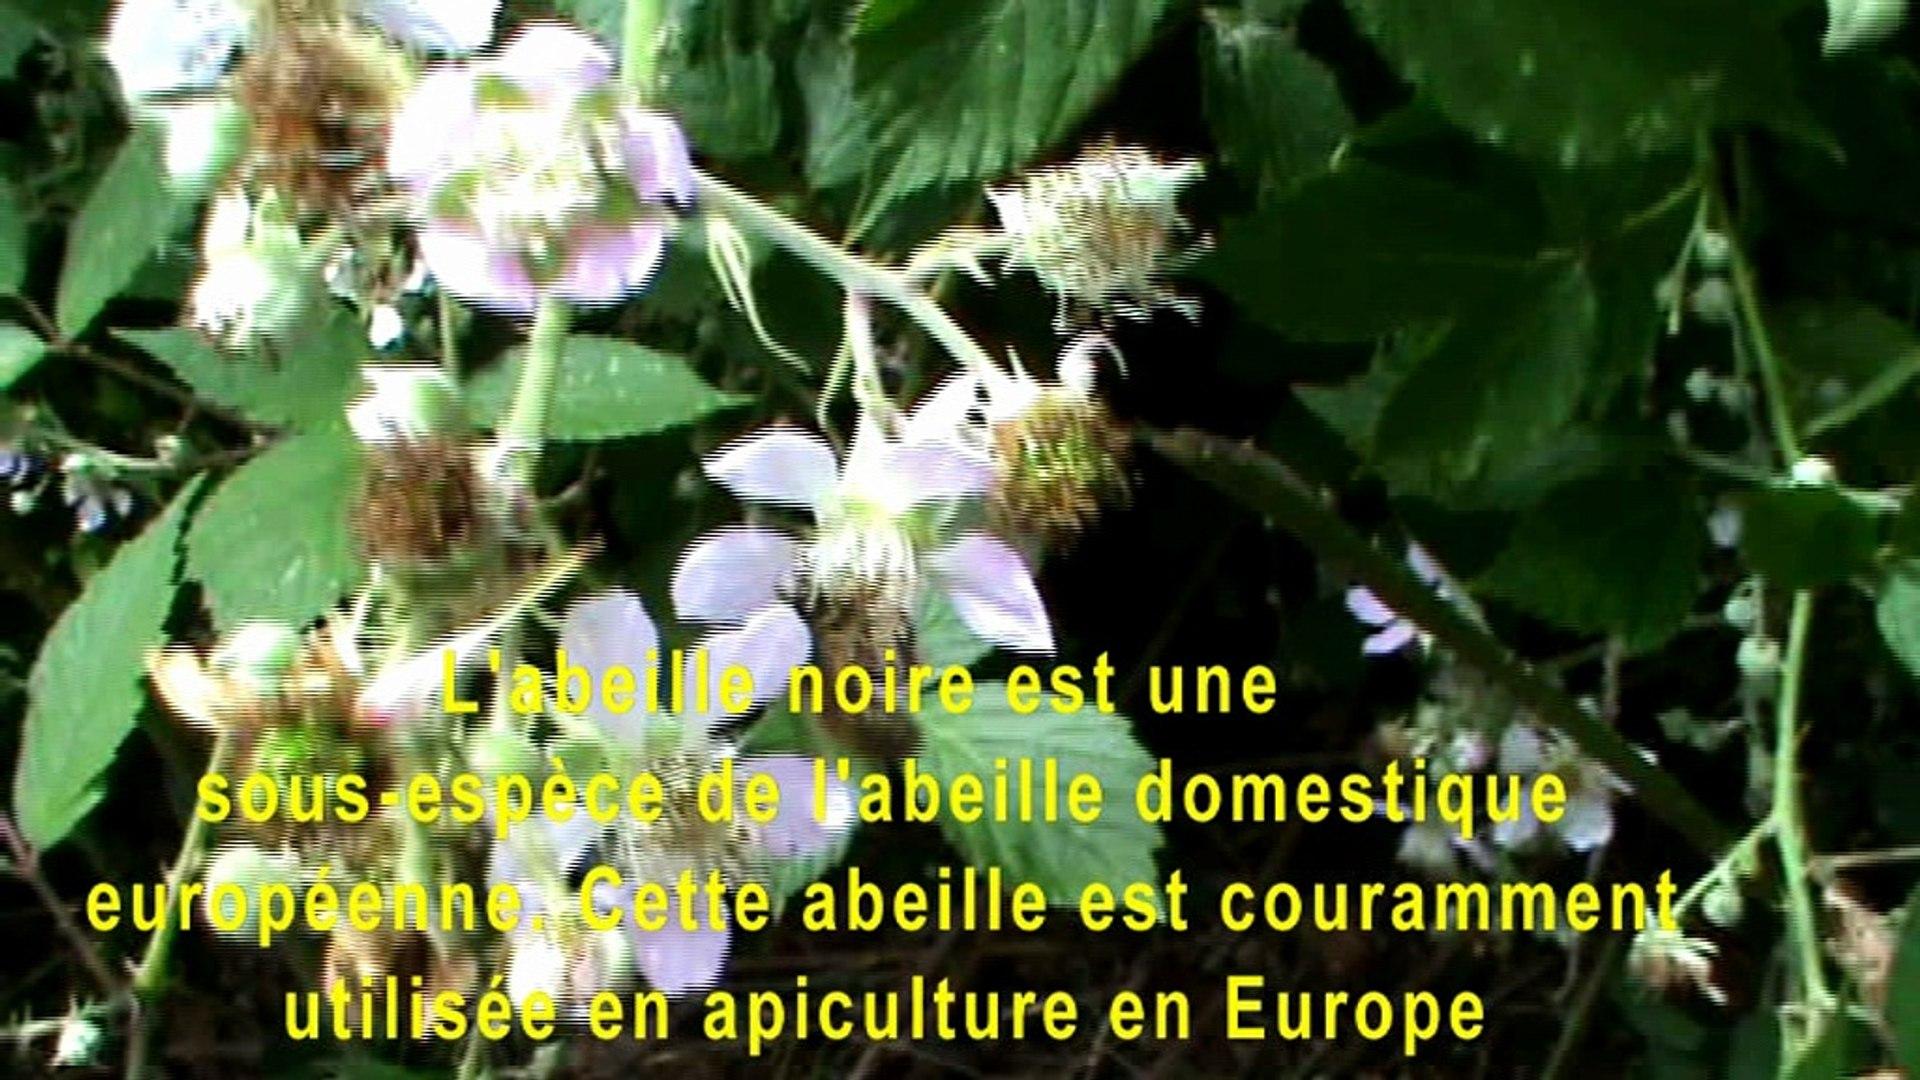 L'abeille noire est une sous-espèce de l'abeille domestiqueeuropéenne. Cette abeille est